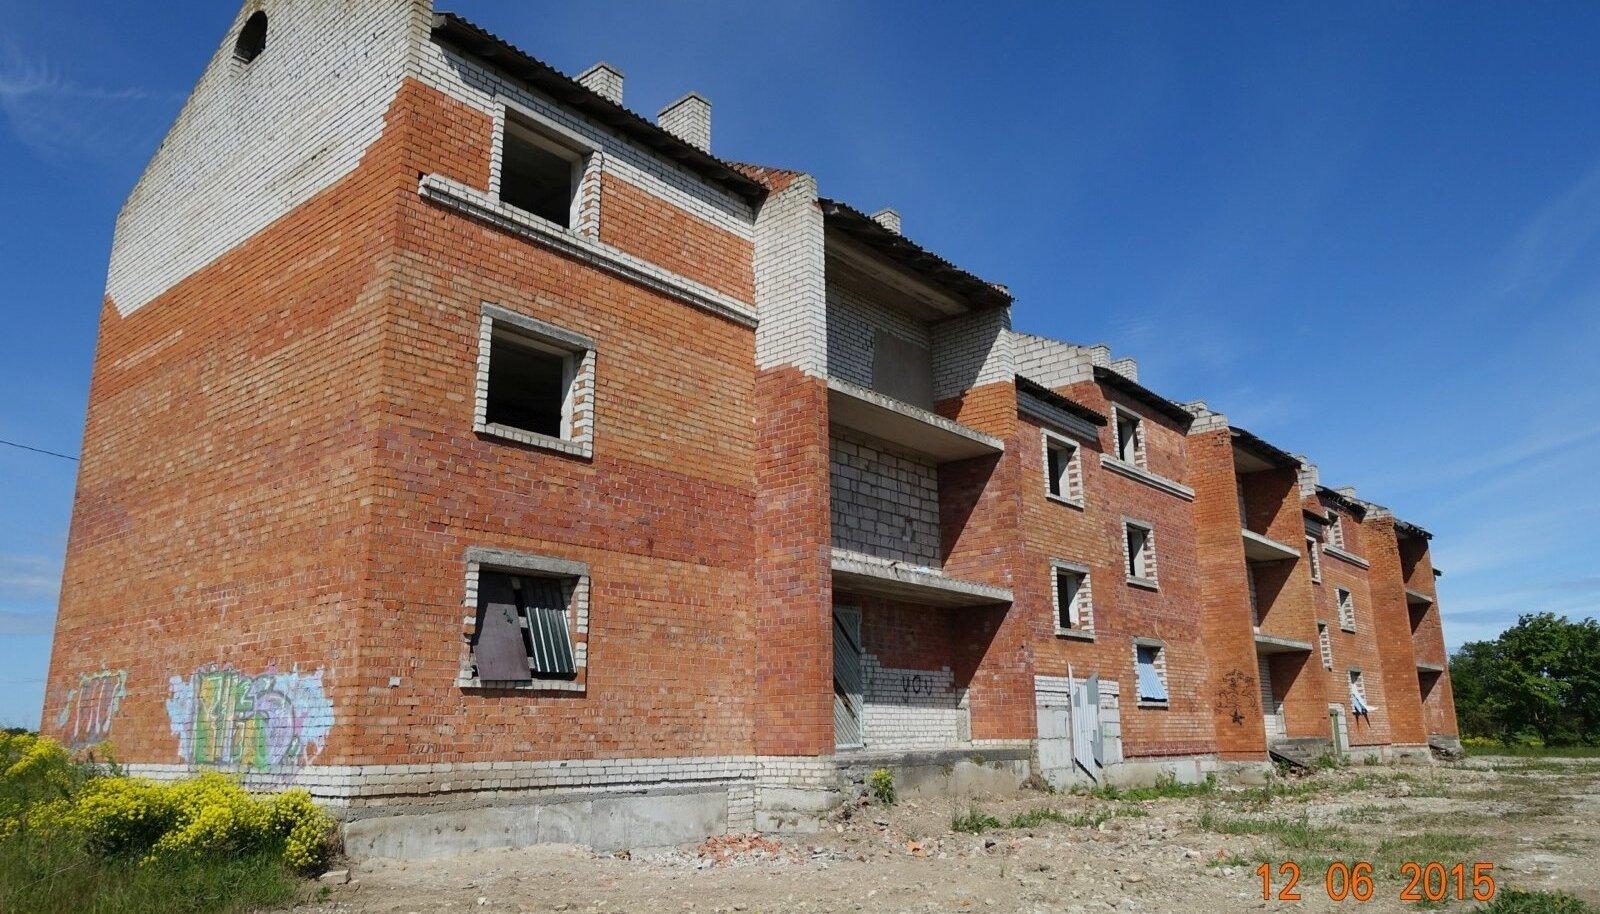 Pooleliolev korrusmaja Rakveres Näituse 26, millesse sissepääs oli auditi ajal takistatud.